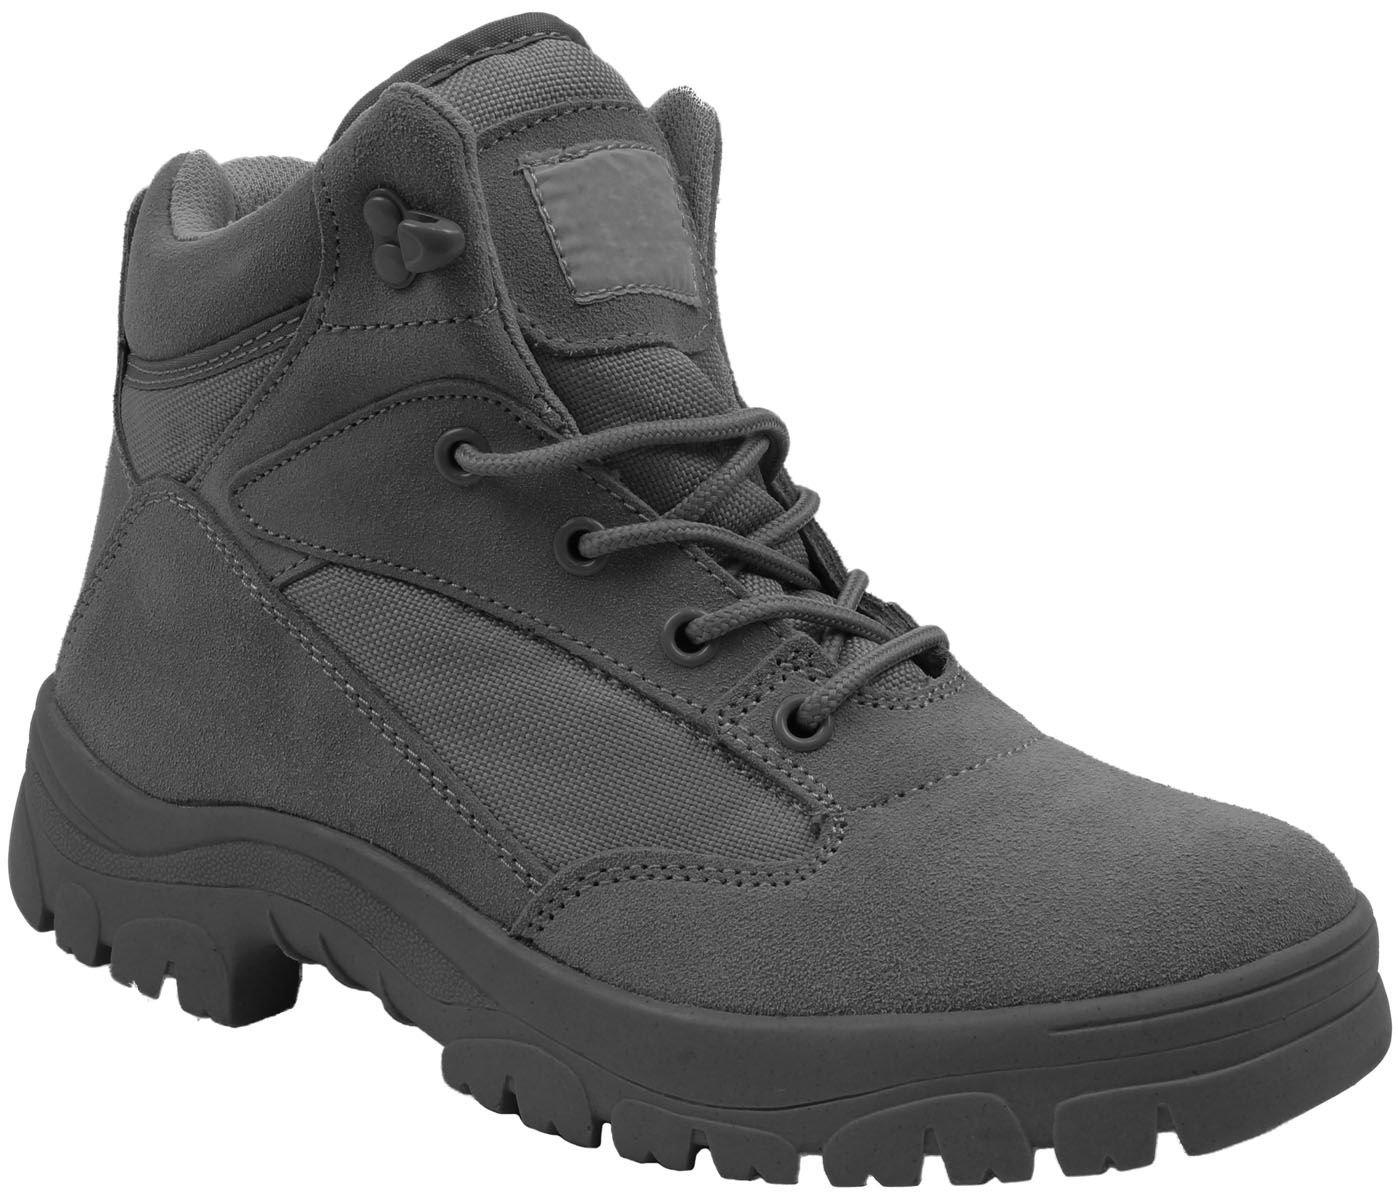 Mc Allister - Stivali di sicurezza con gambale corto Footlocker Venta Barata 8wEUv